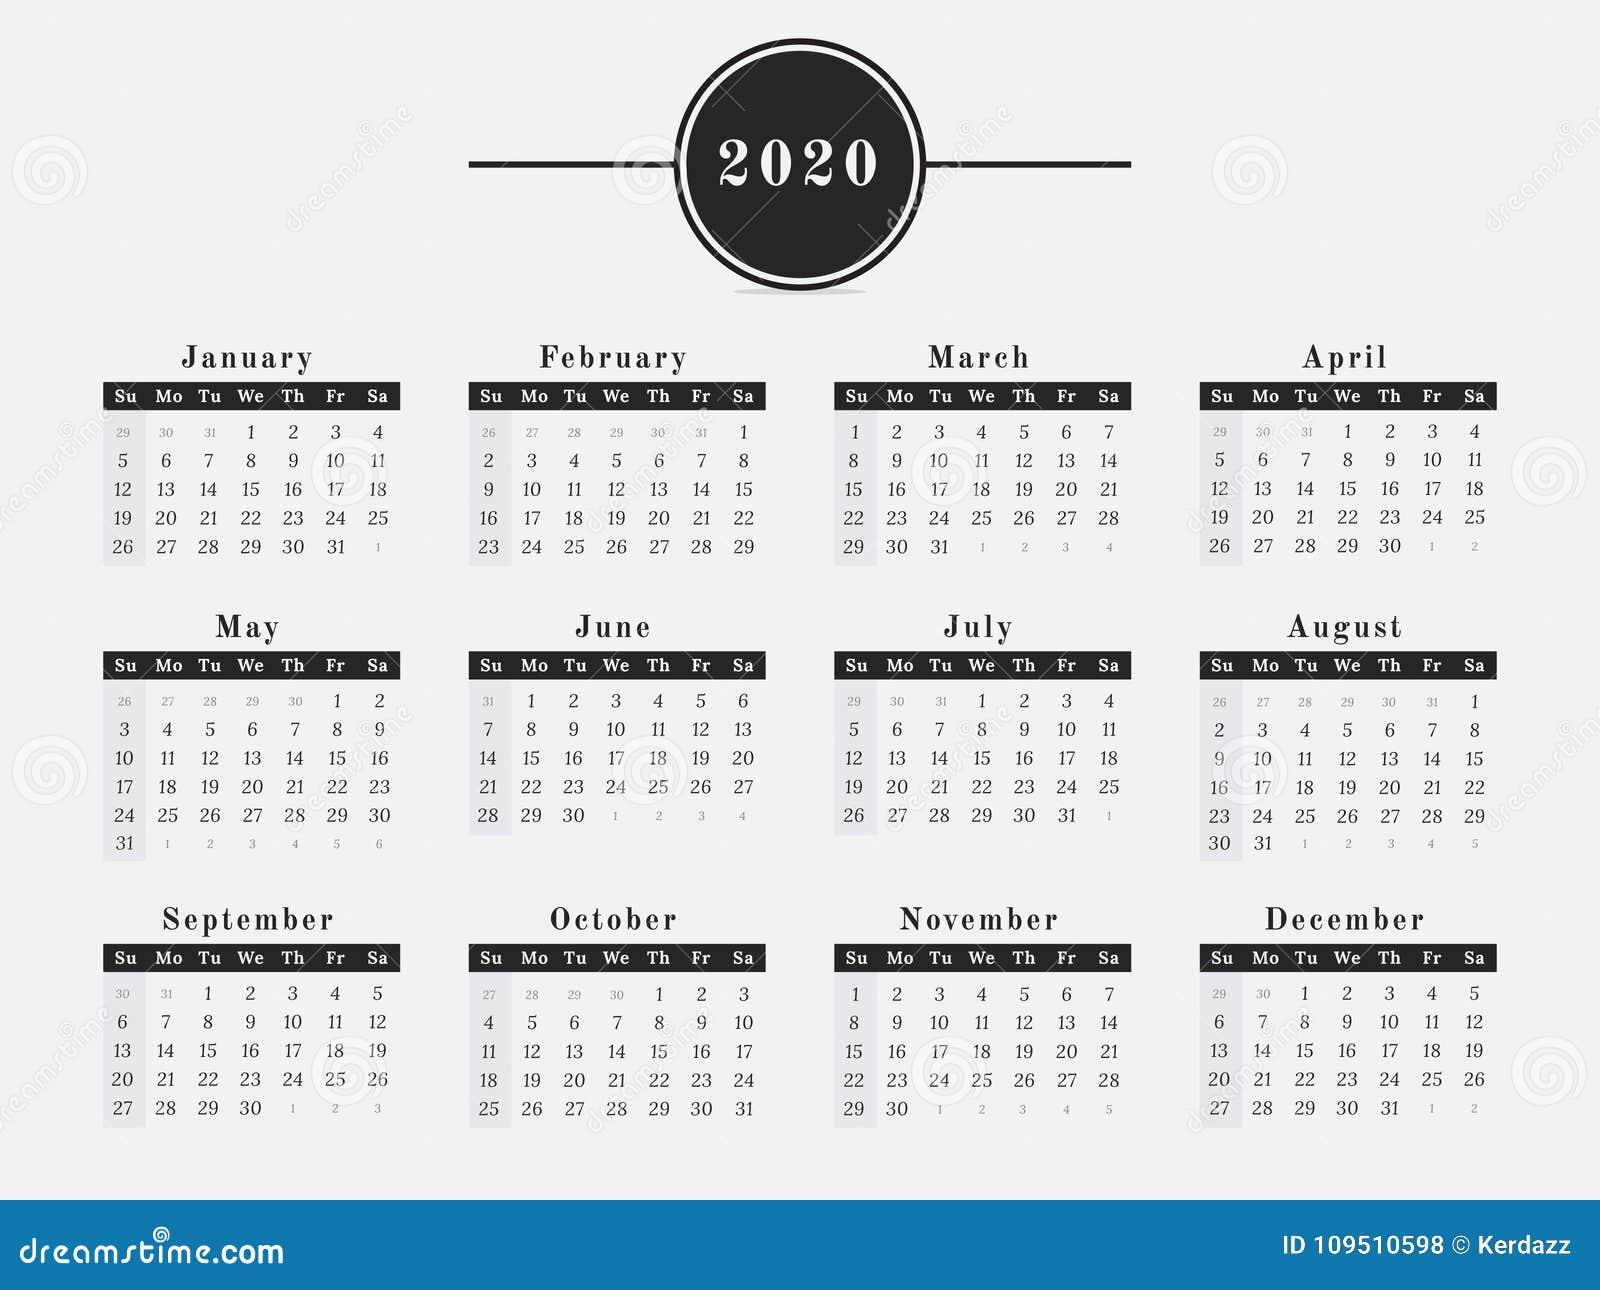 Calendario 2020 Orizzontale.Progettazione Orizzontale Del Calendario Da 2020 Anni